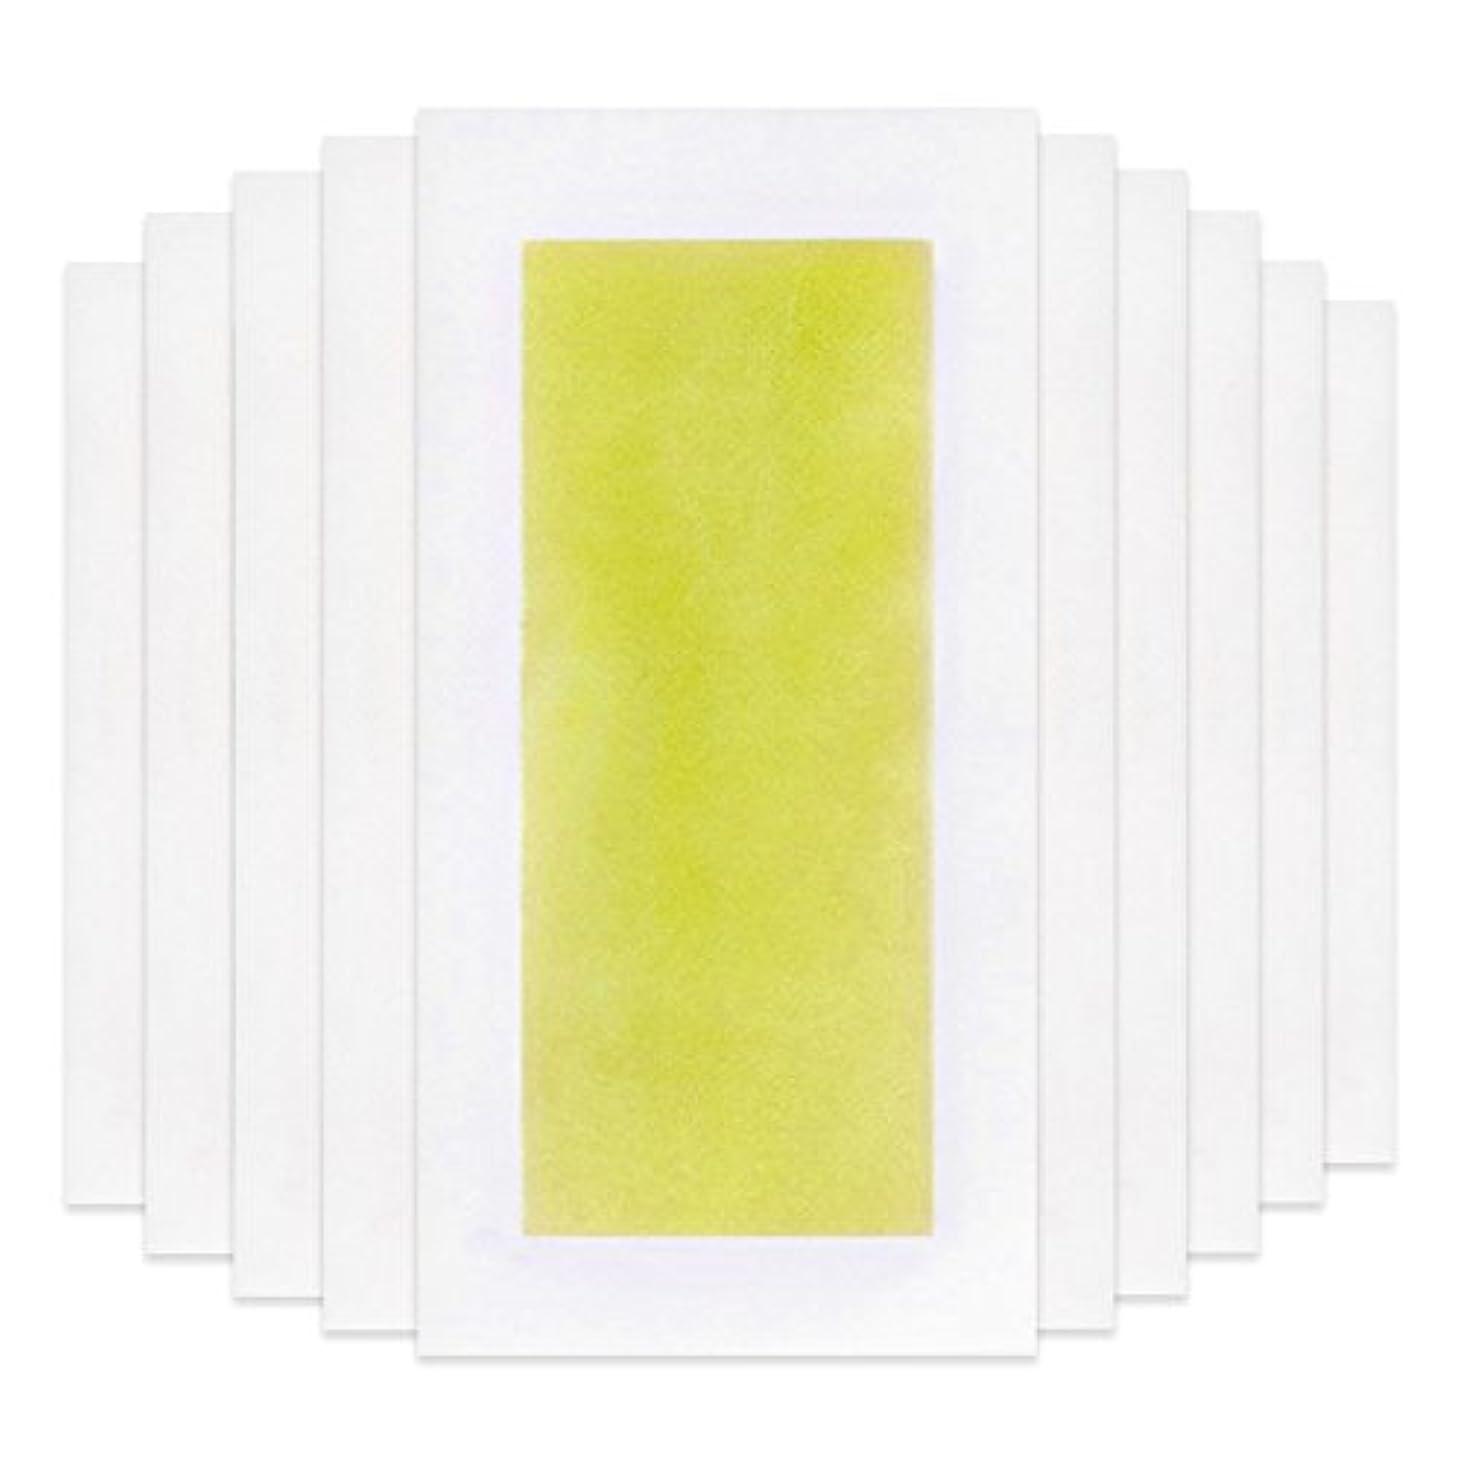 ひどい申し立てる脇にRabugoo 脚の身体の顔のための10個のプロフェッショナルな夏の脱毛ダブルサイドコールドワックスストリップ紙 Yellow